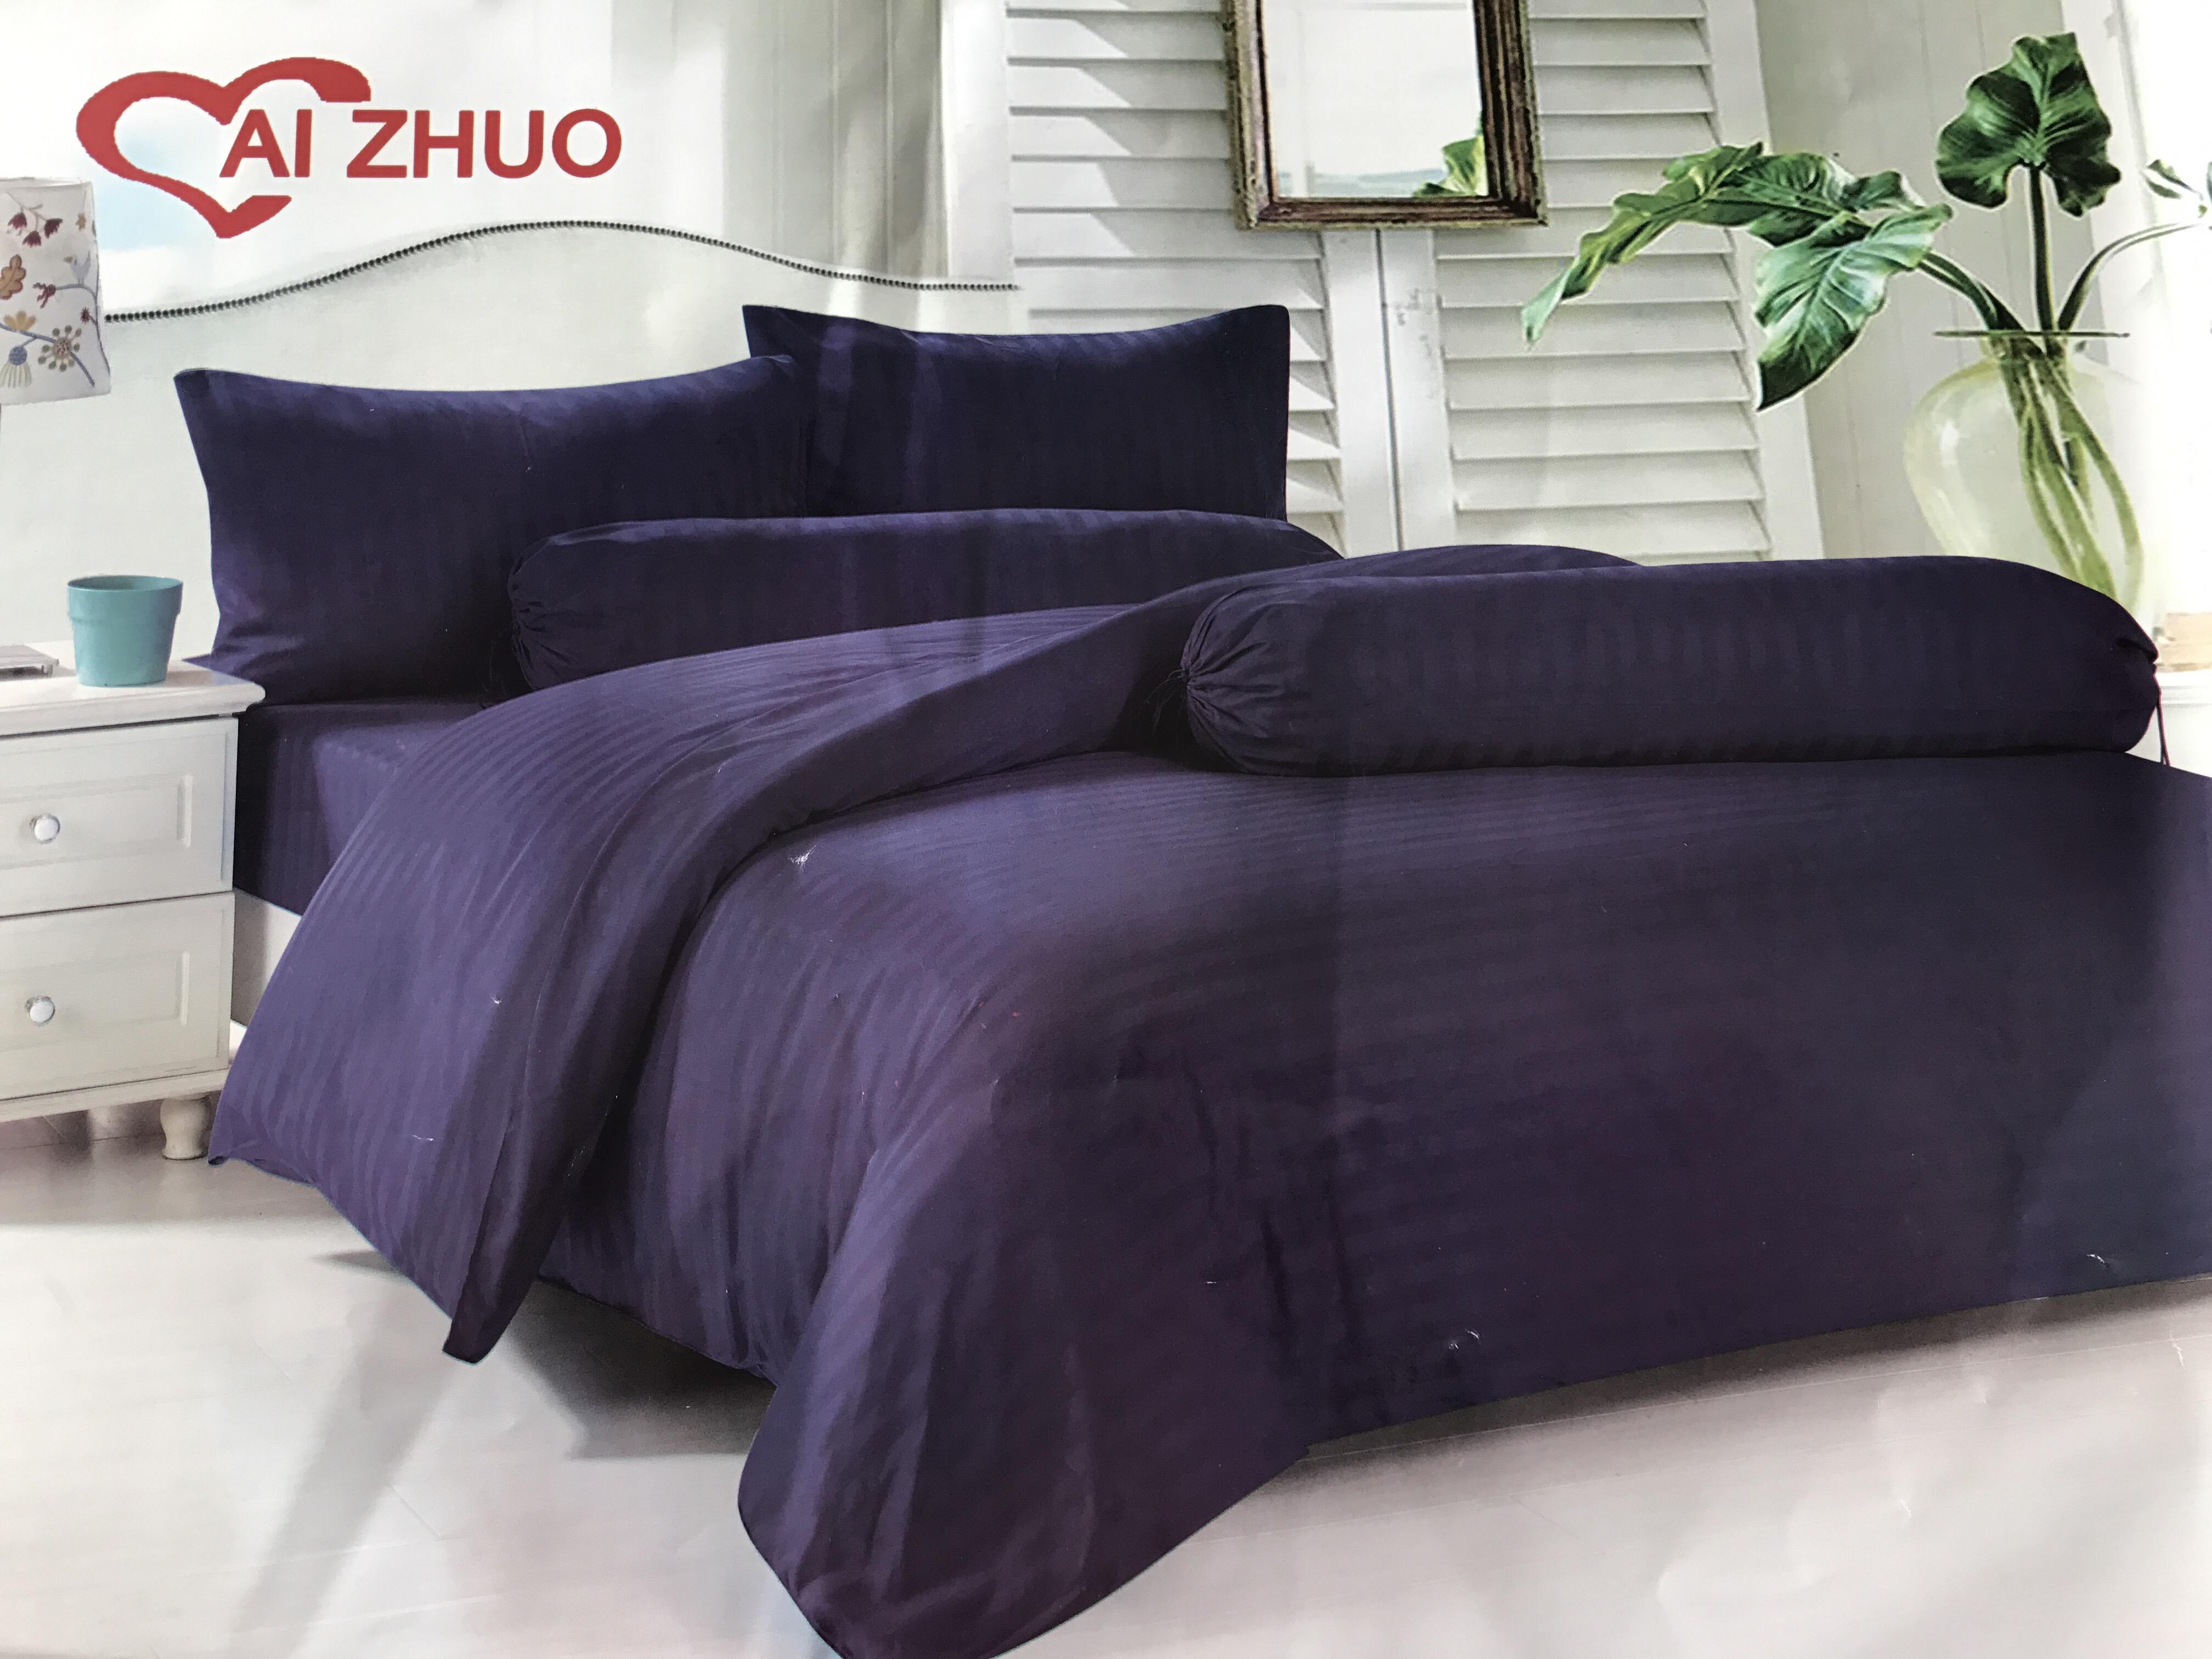 ชุดผ้าปูที่นอนลายสีพื้น ขนาด 6 ฟุต, 5 ฟุต, 3.5 ฟุต